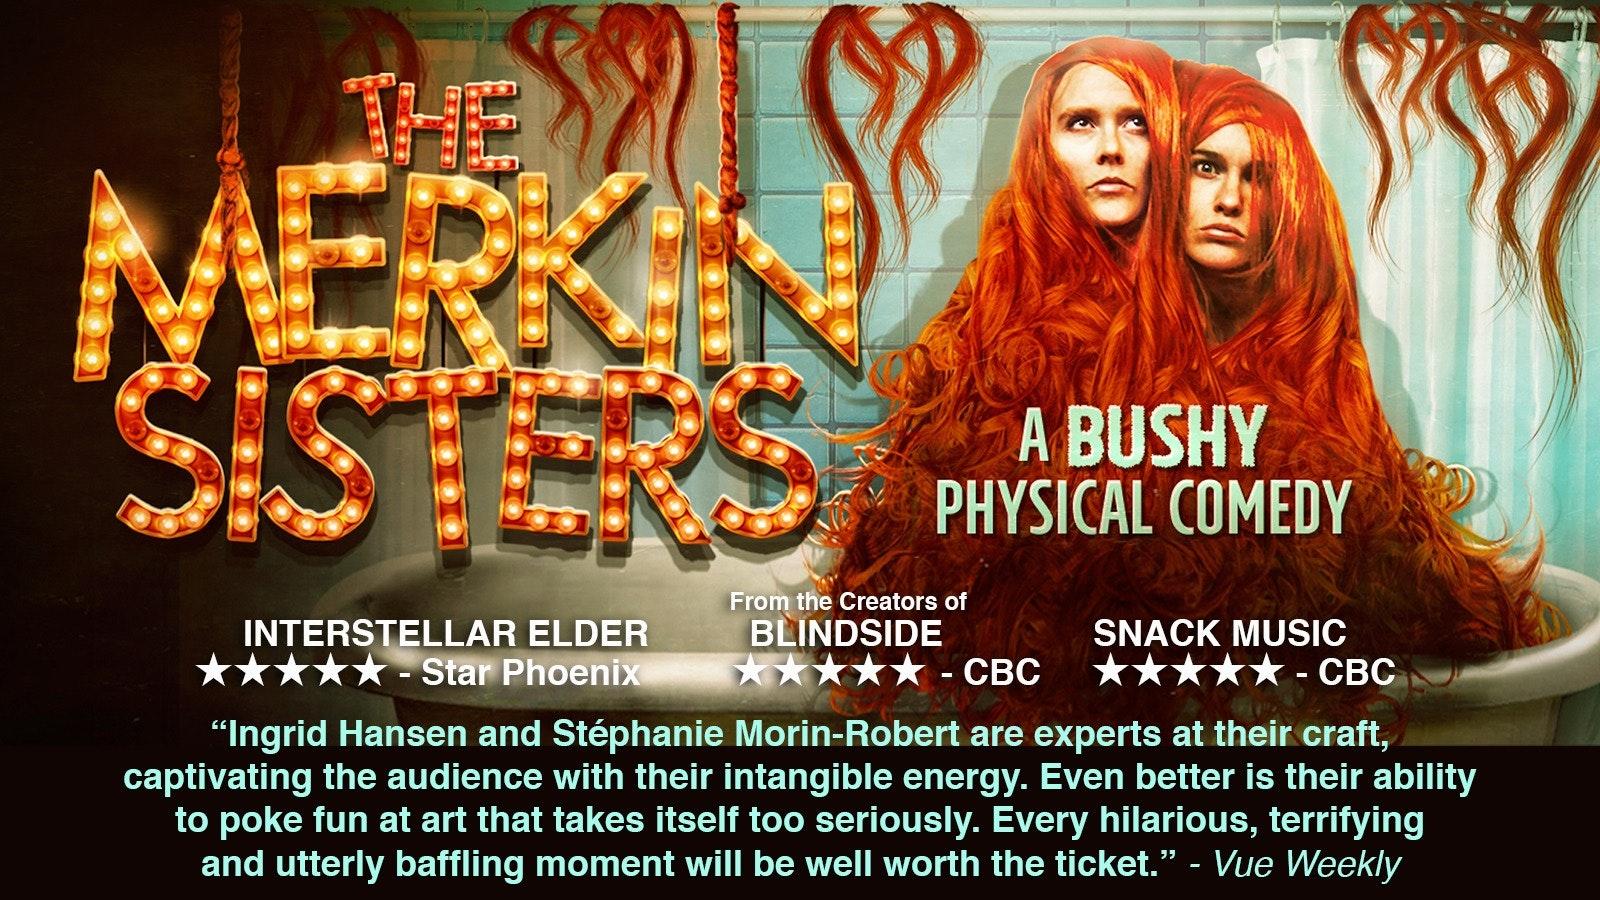 The Merkin Sisters